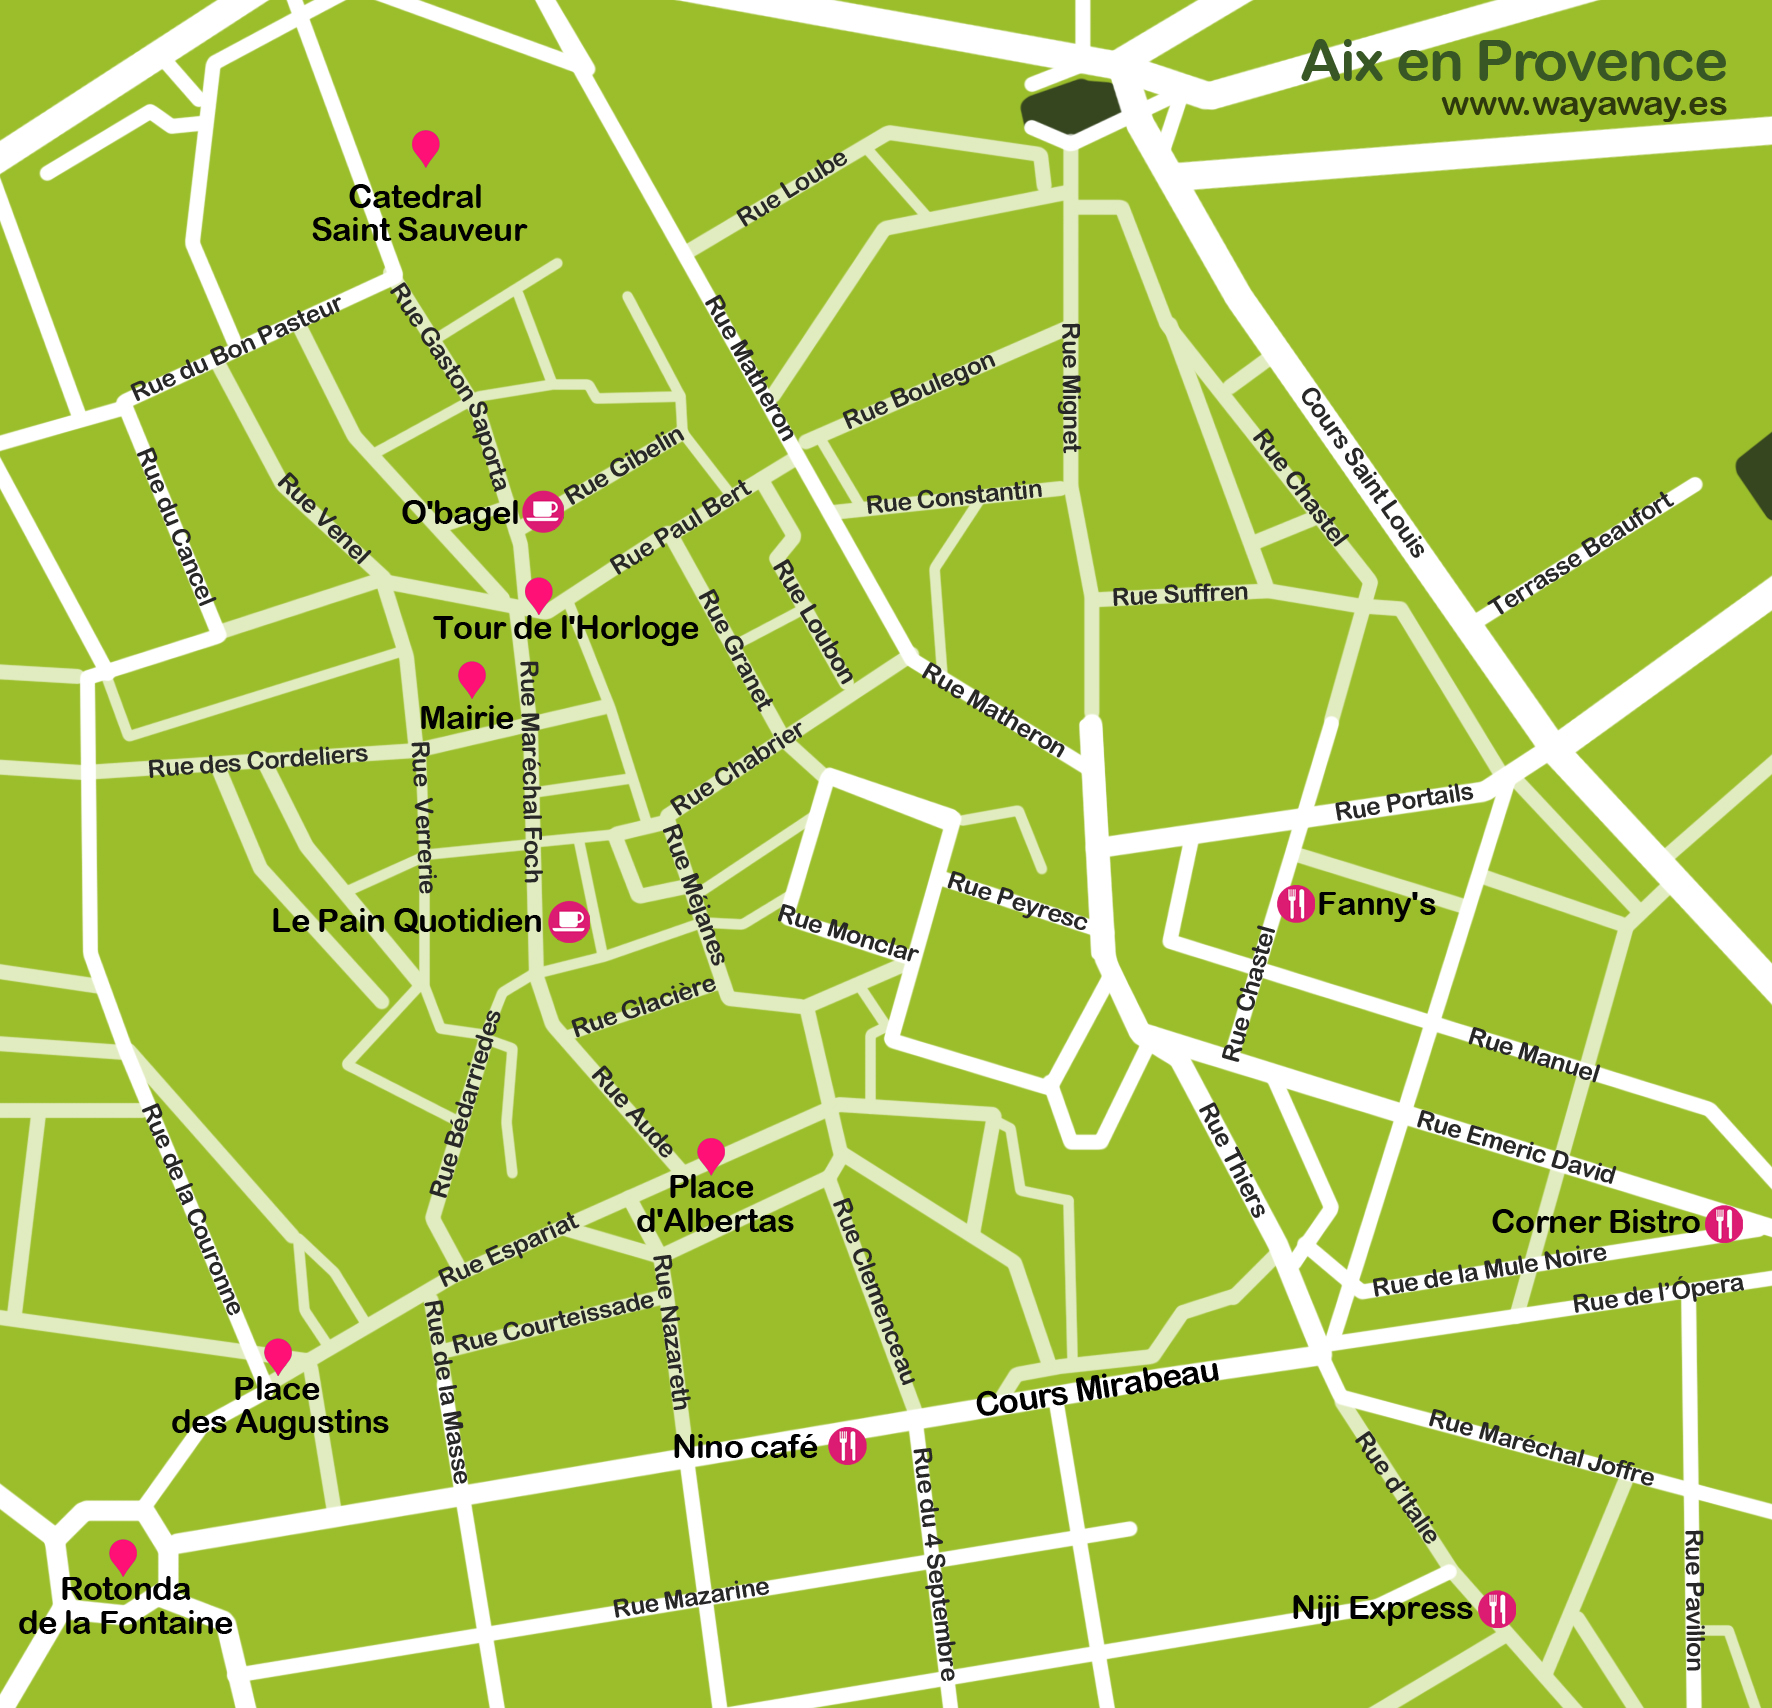 Aix en Provence travel map Aix en Provence plane